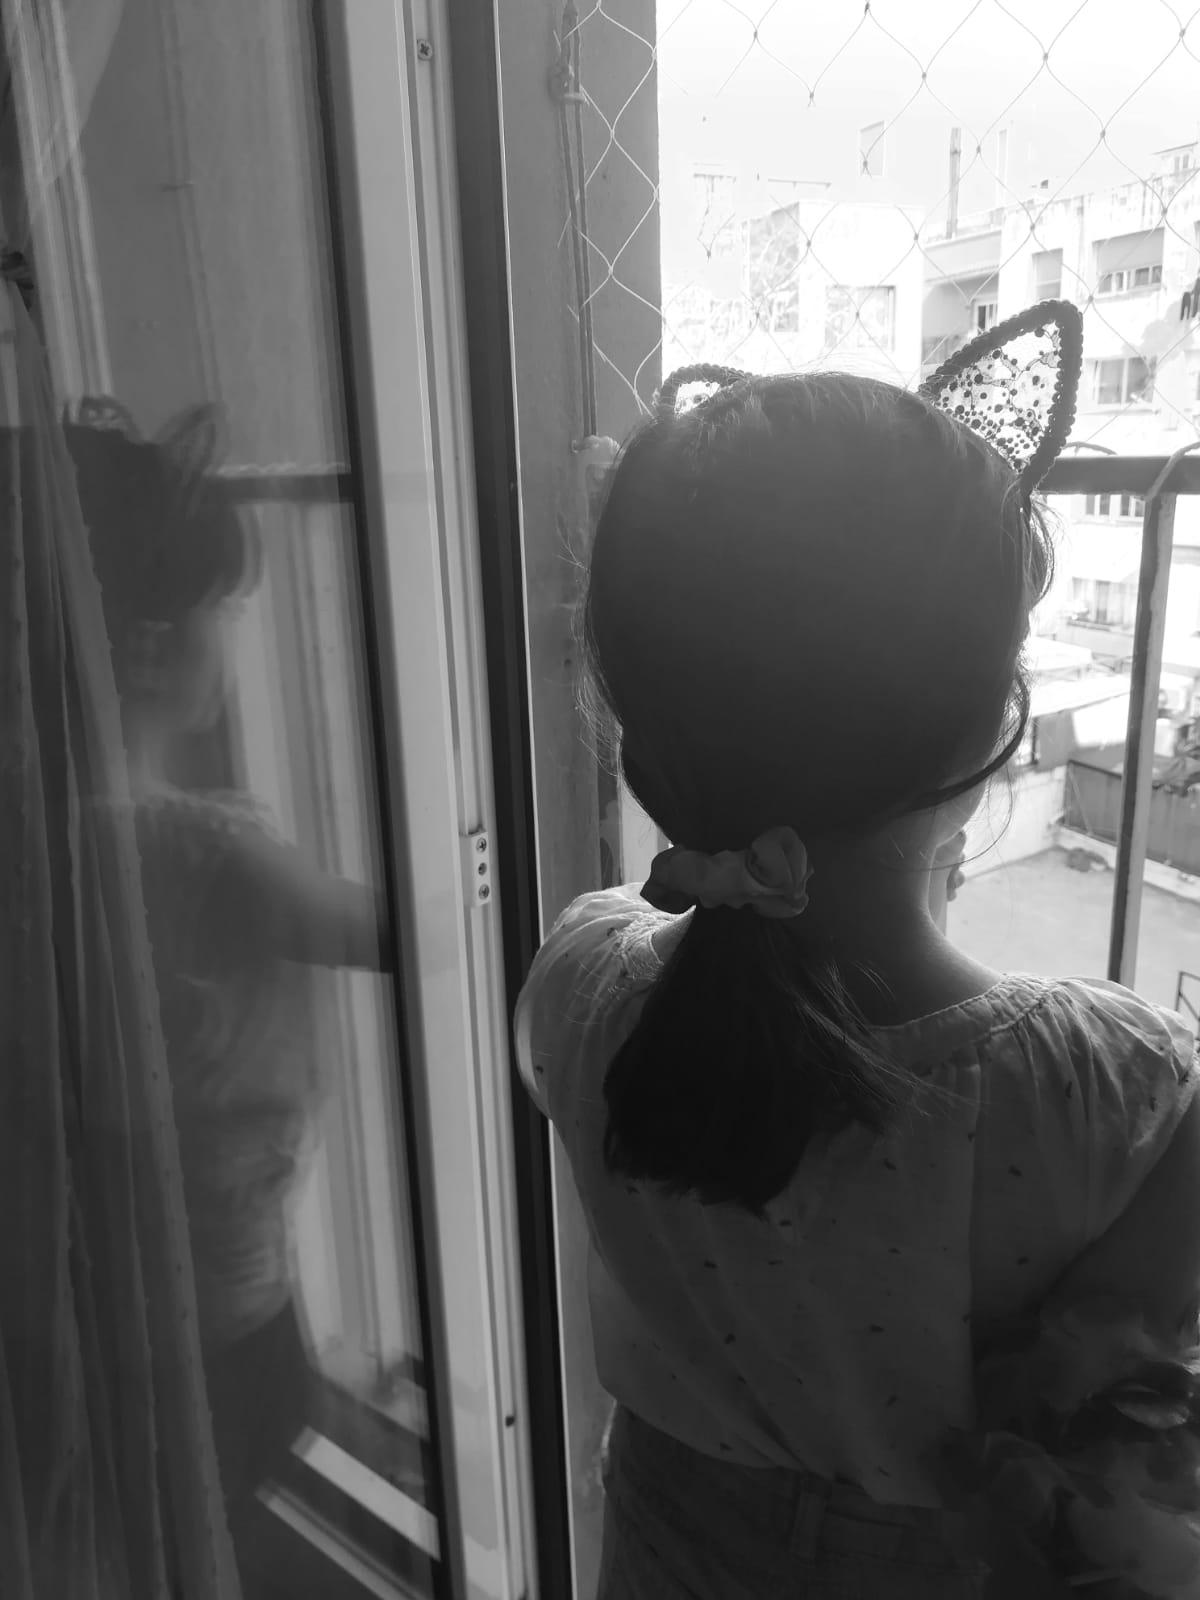 Hi ha un efecte de sorpresa per com semblen estar vivint els nens el confinament